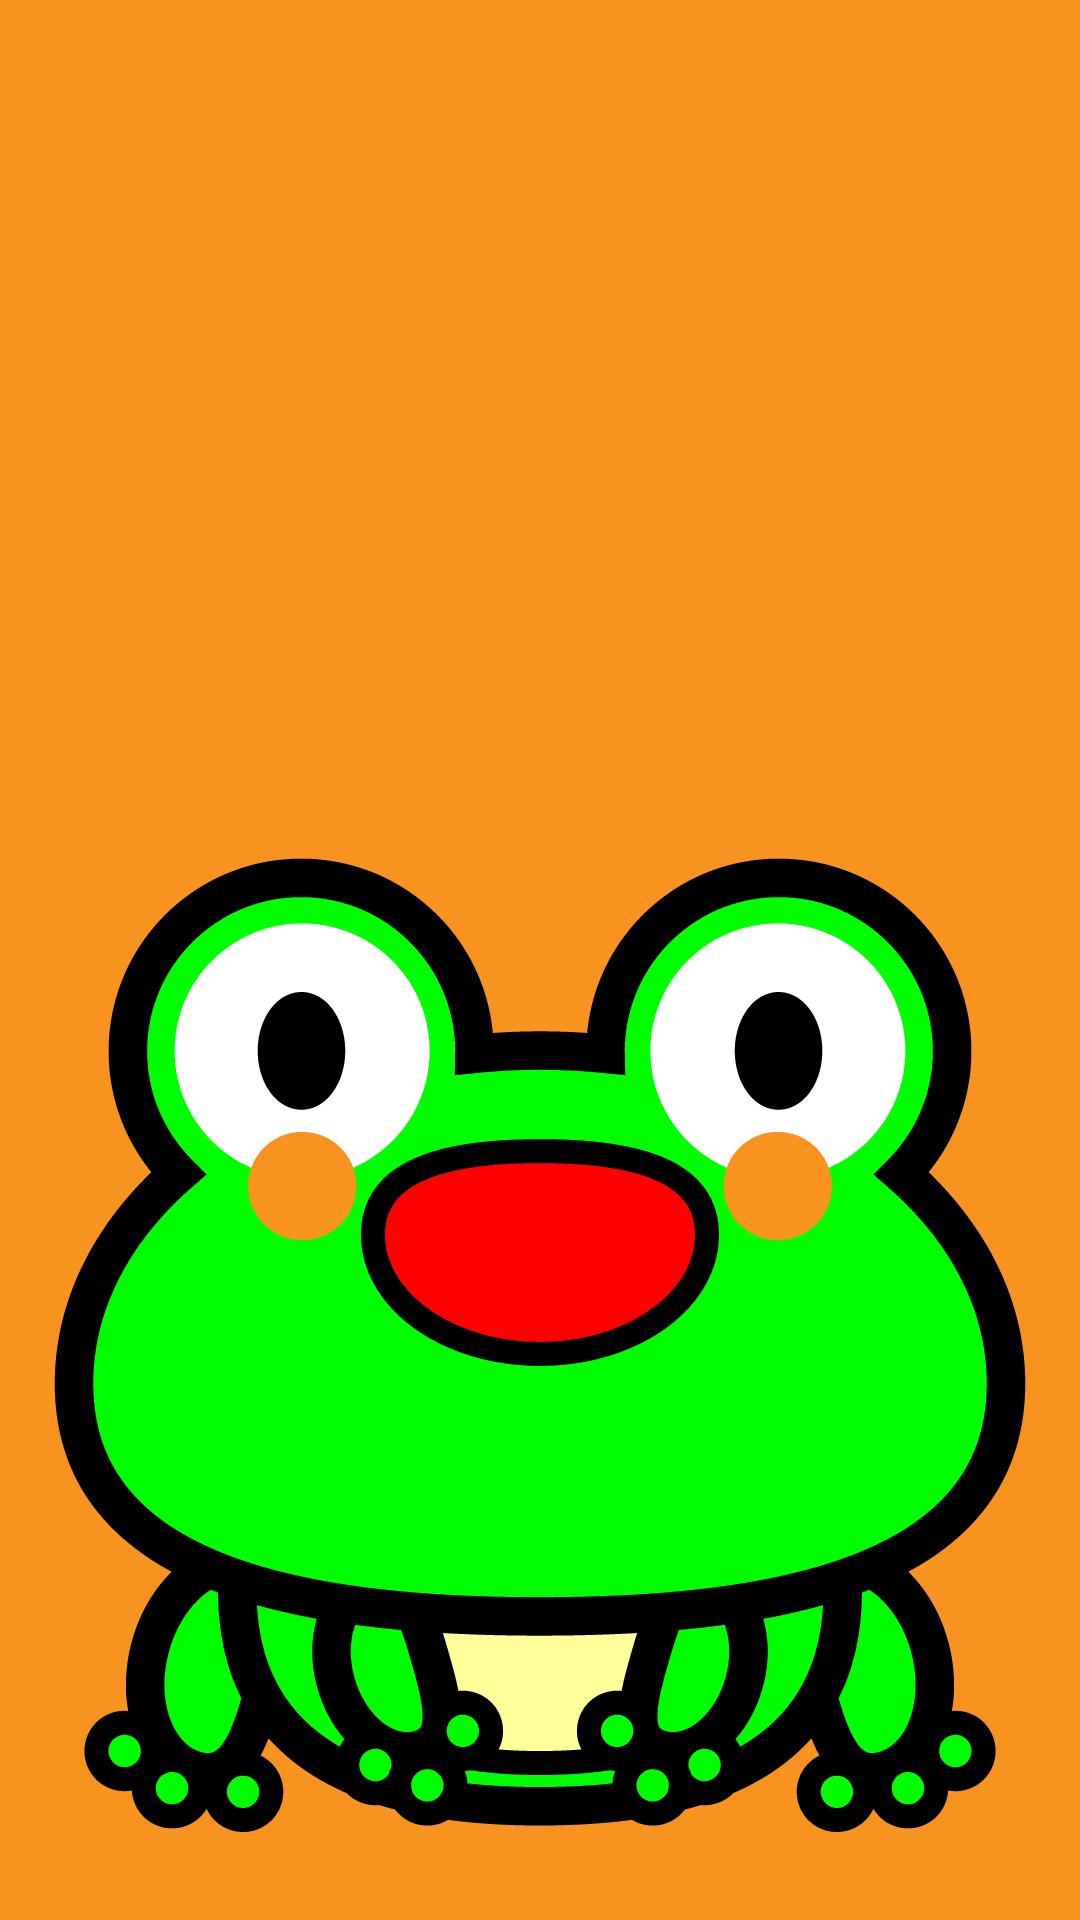 かわいい座りカエル壁紙(iPhone)の無料イラスト・商用フリー